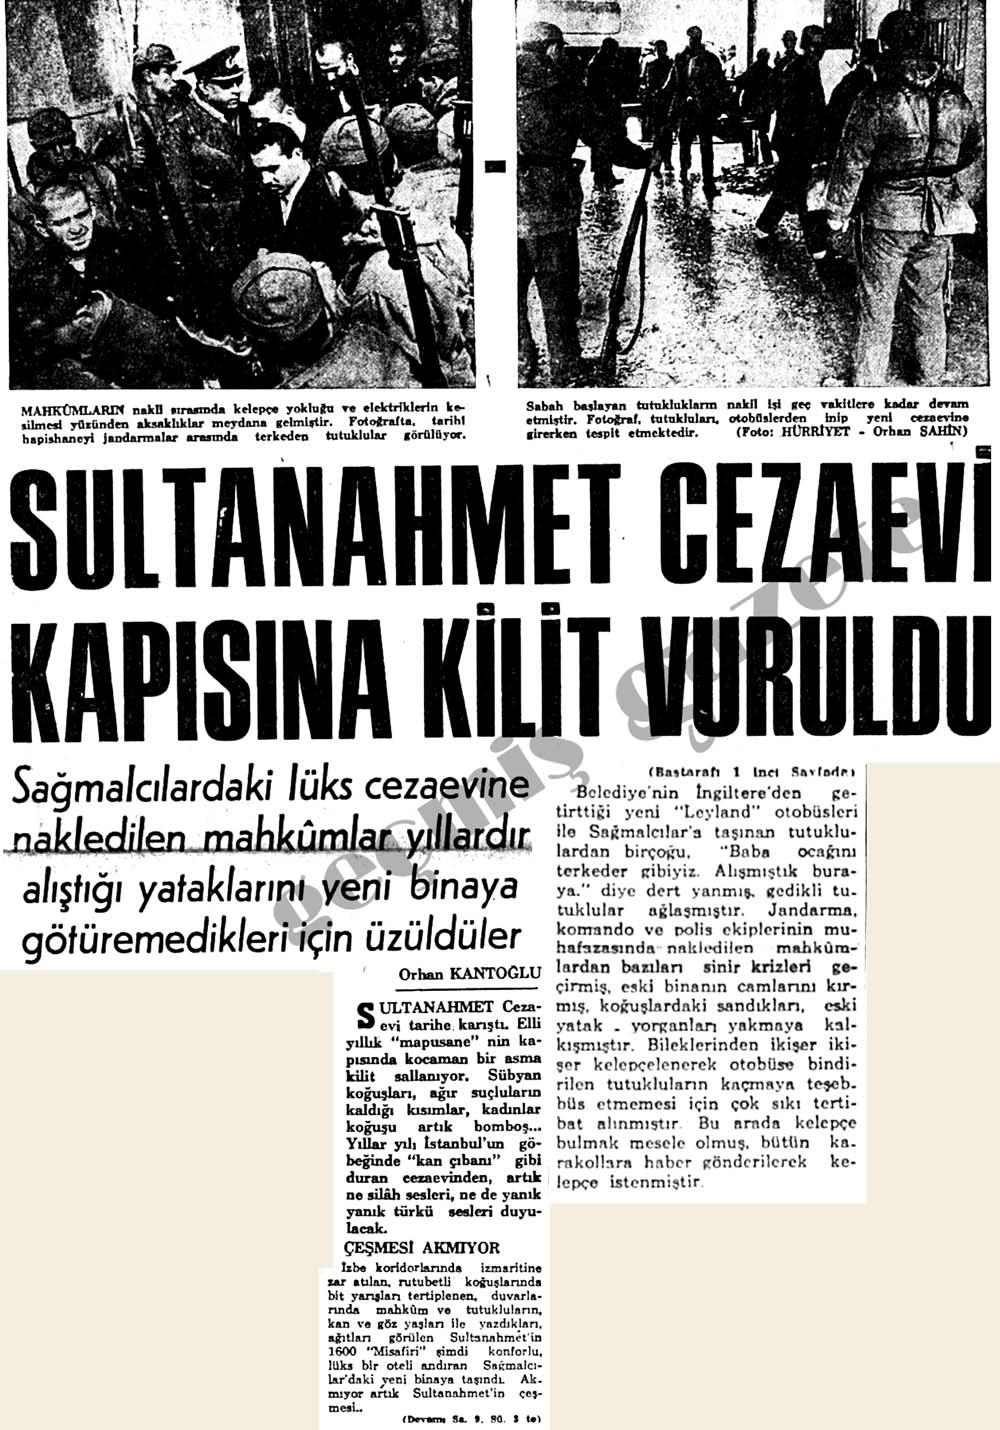 Sultanahmet Cezaevi kapısına kilit vuruldu